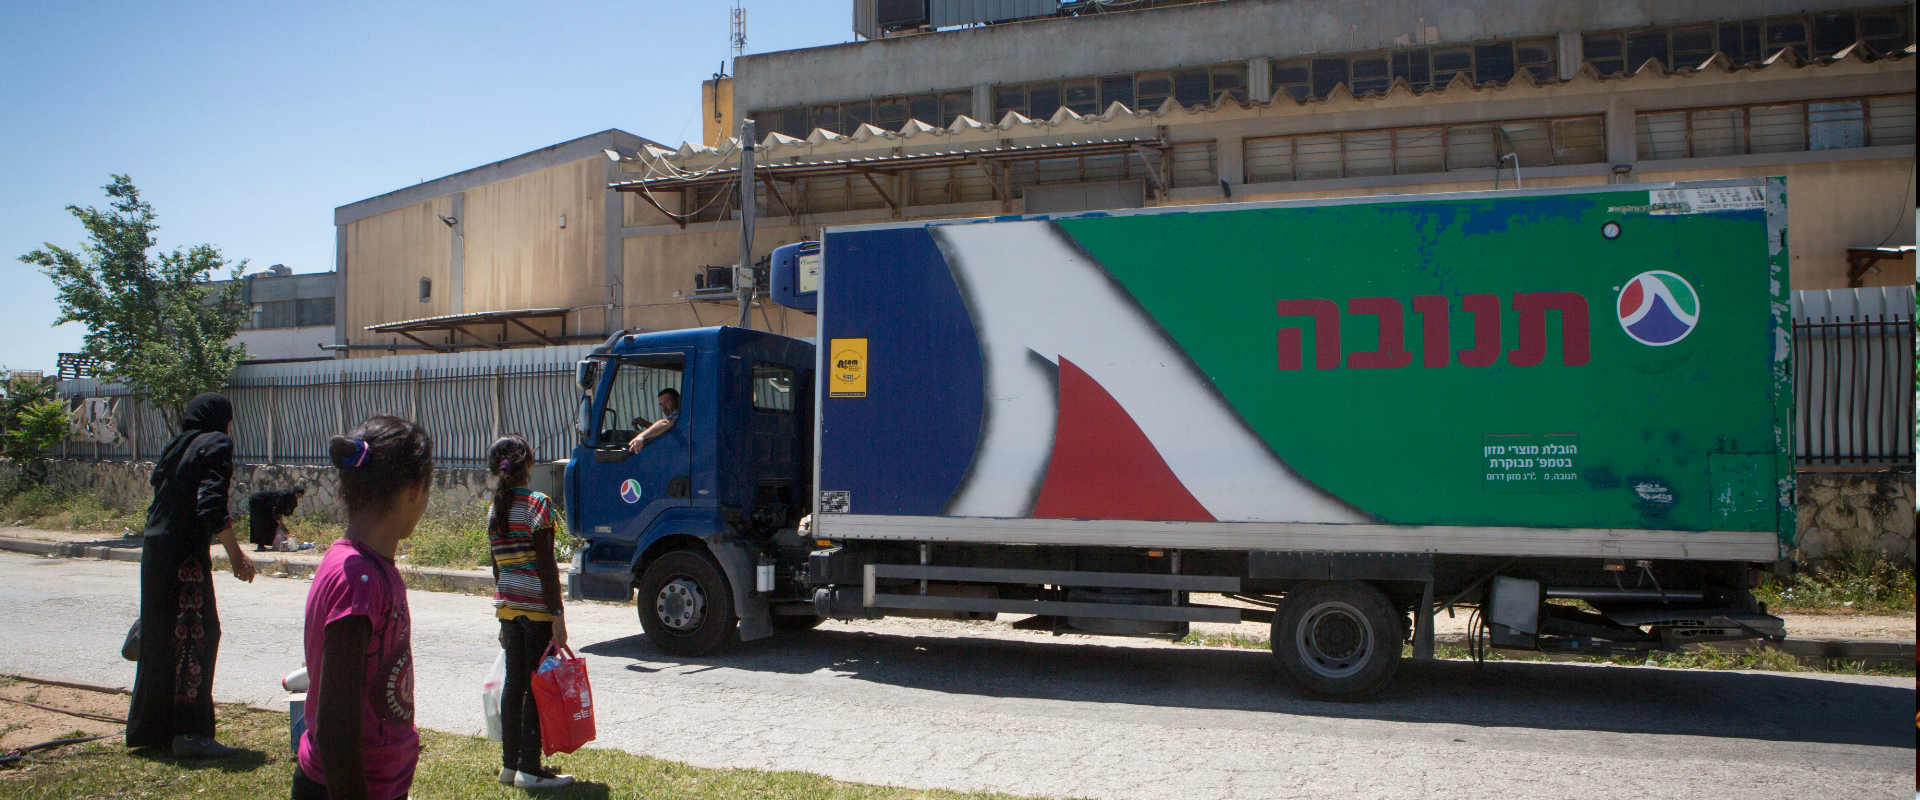 מפעל תנובה במזרח ירושלים